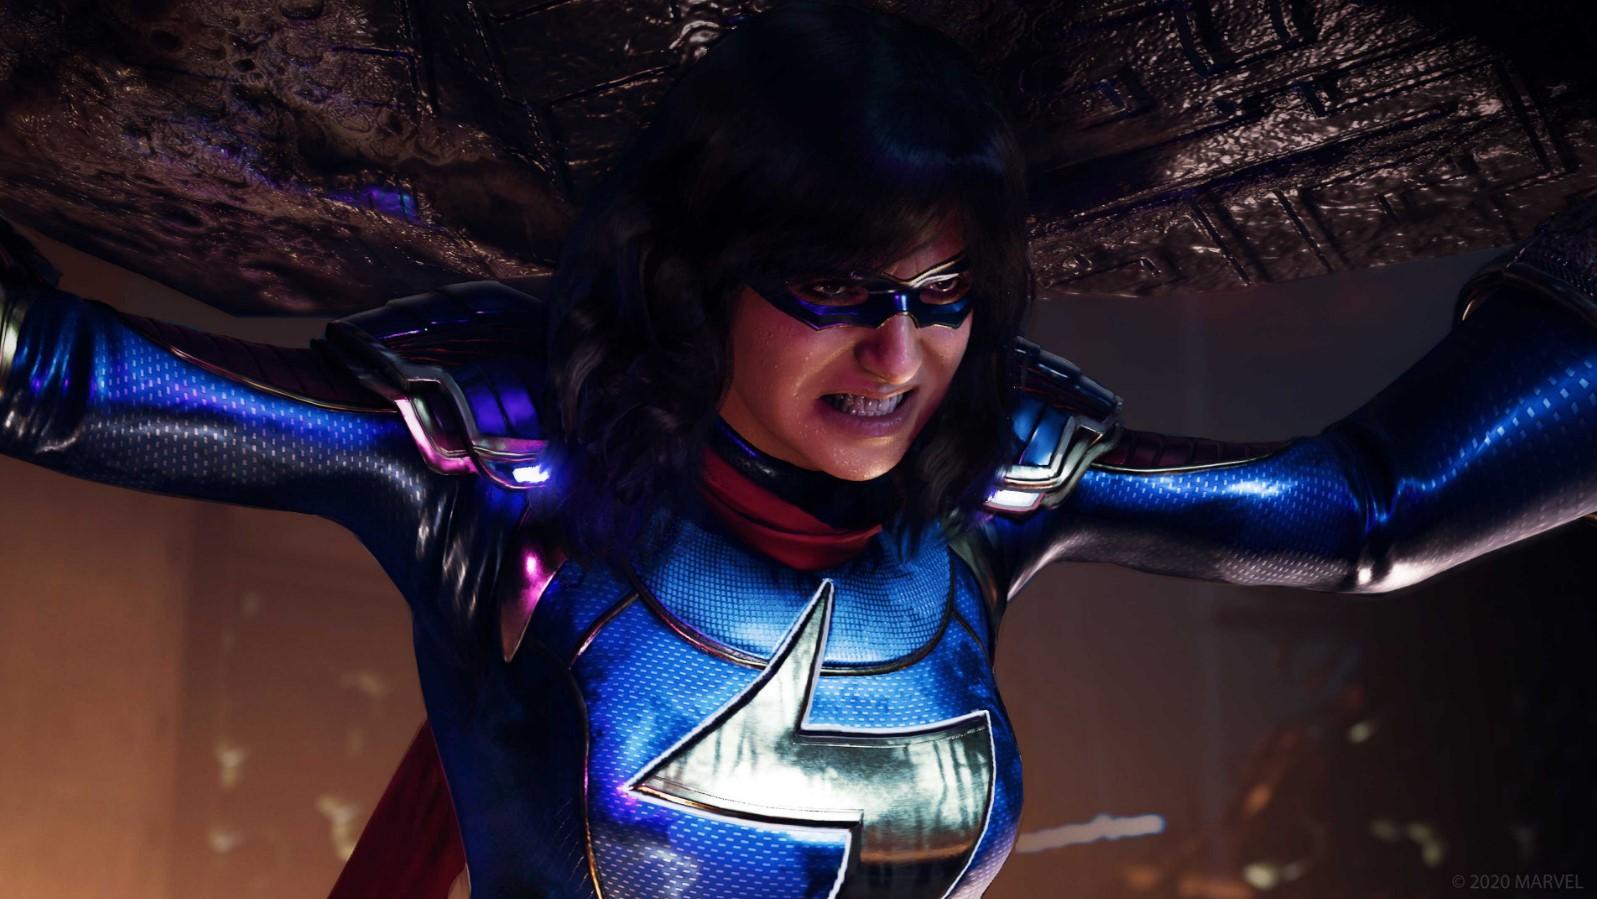 Marvels avengers kamala khan